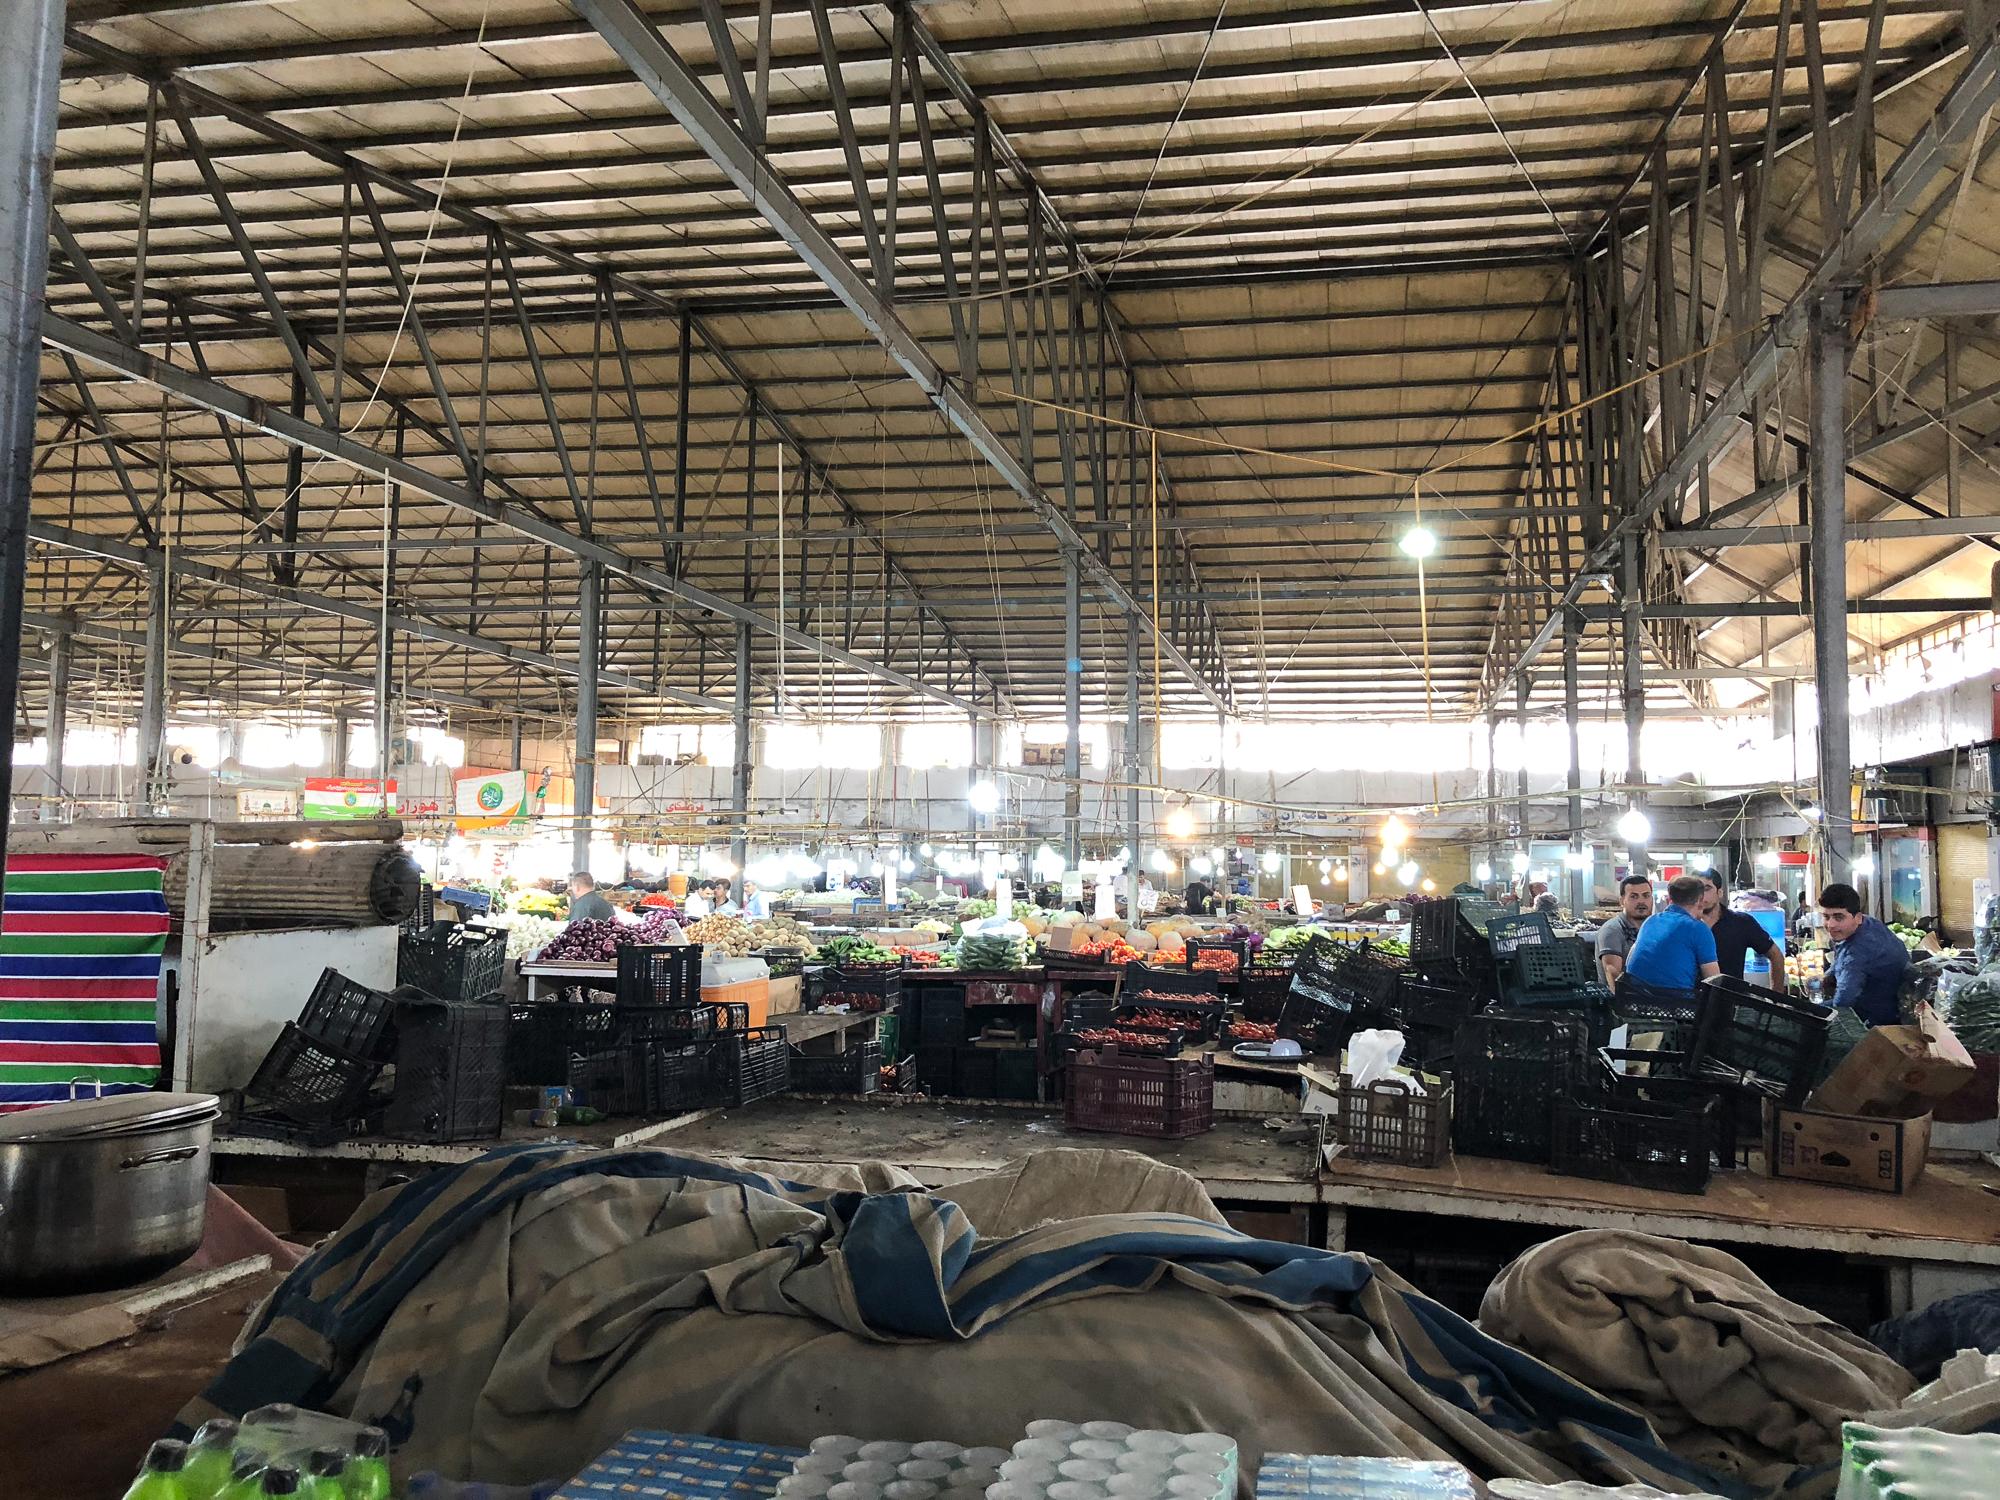 Vegetables bazaar in Erbil